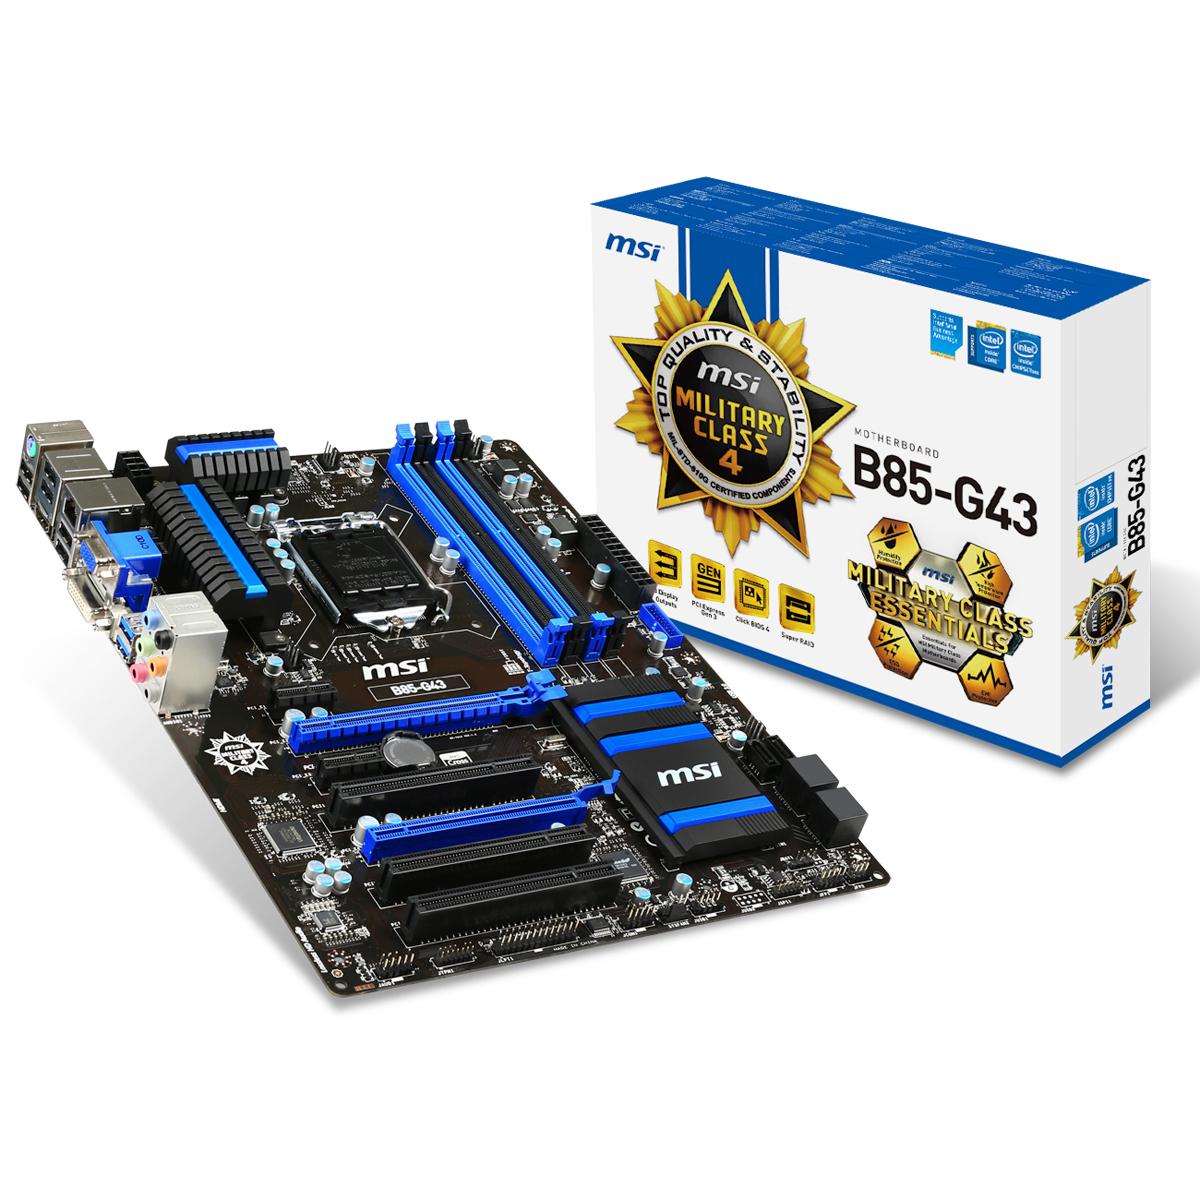 Carte mère MSI B85-G43 Carte mère ATX Socket 1150 Intel B85 Express - SATA 3Gb/s et SATA 6Gb/s - USB 3.0 - 1x PCI-Express 3.0 16x + 1x PCI-Express 2.0 16x